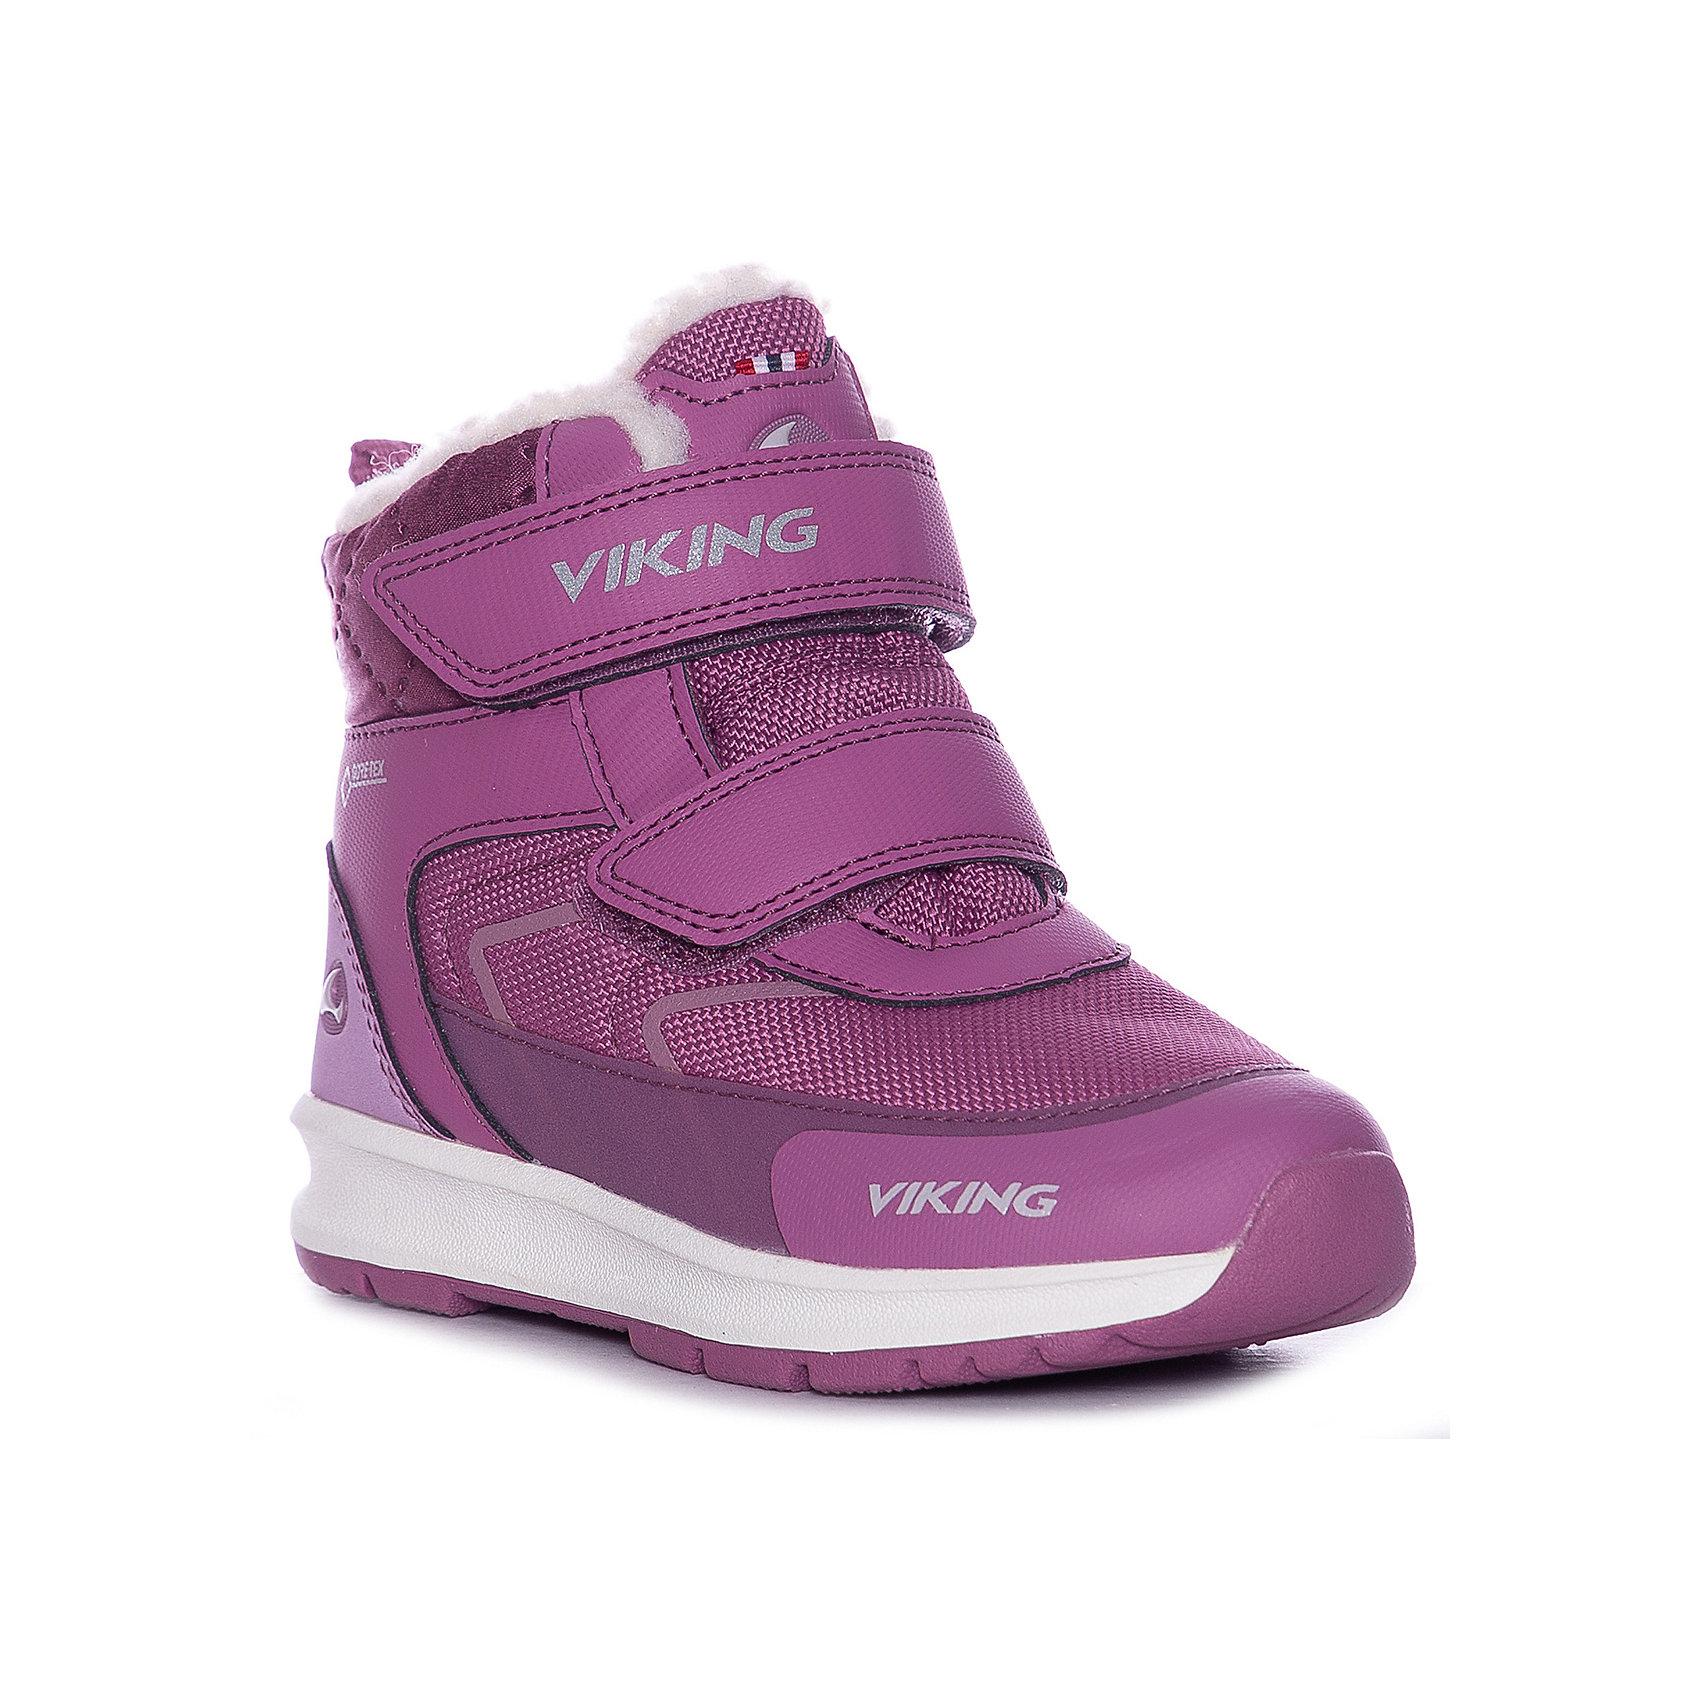 ботинки викинг картинки помощи